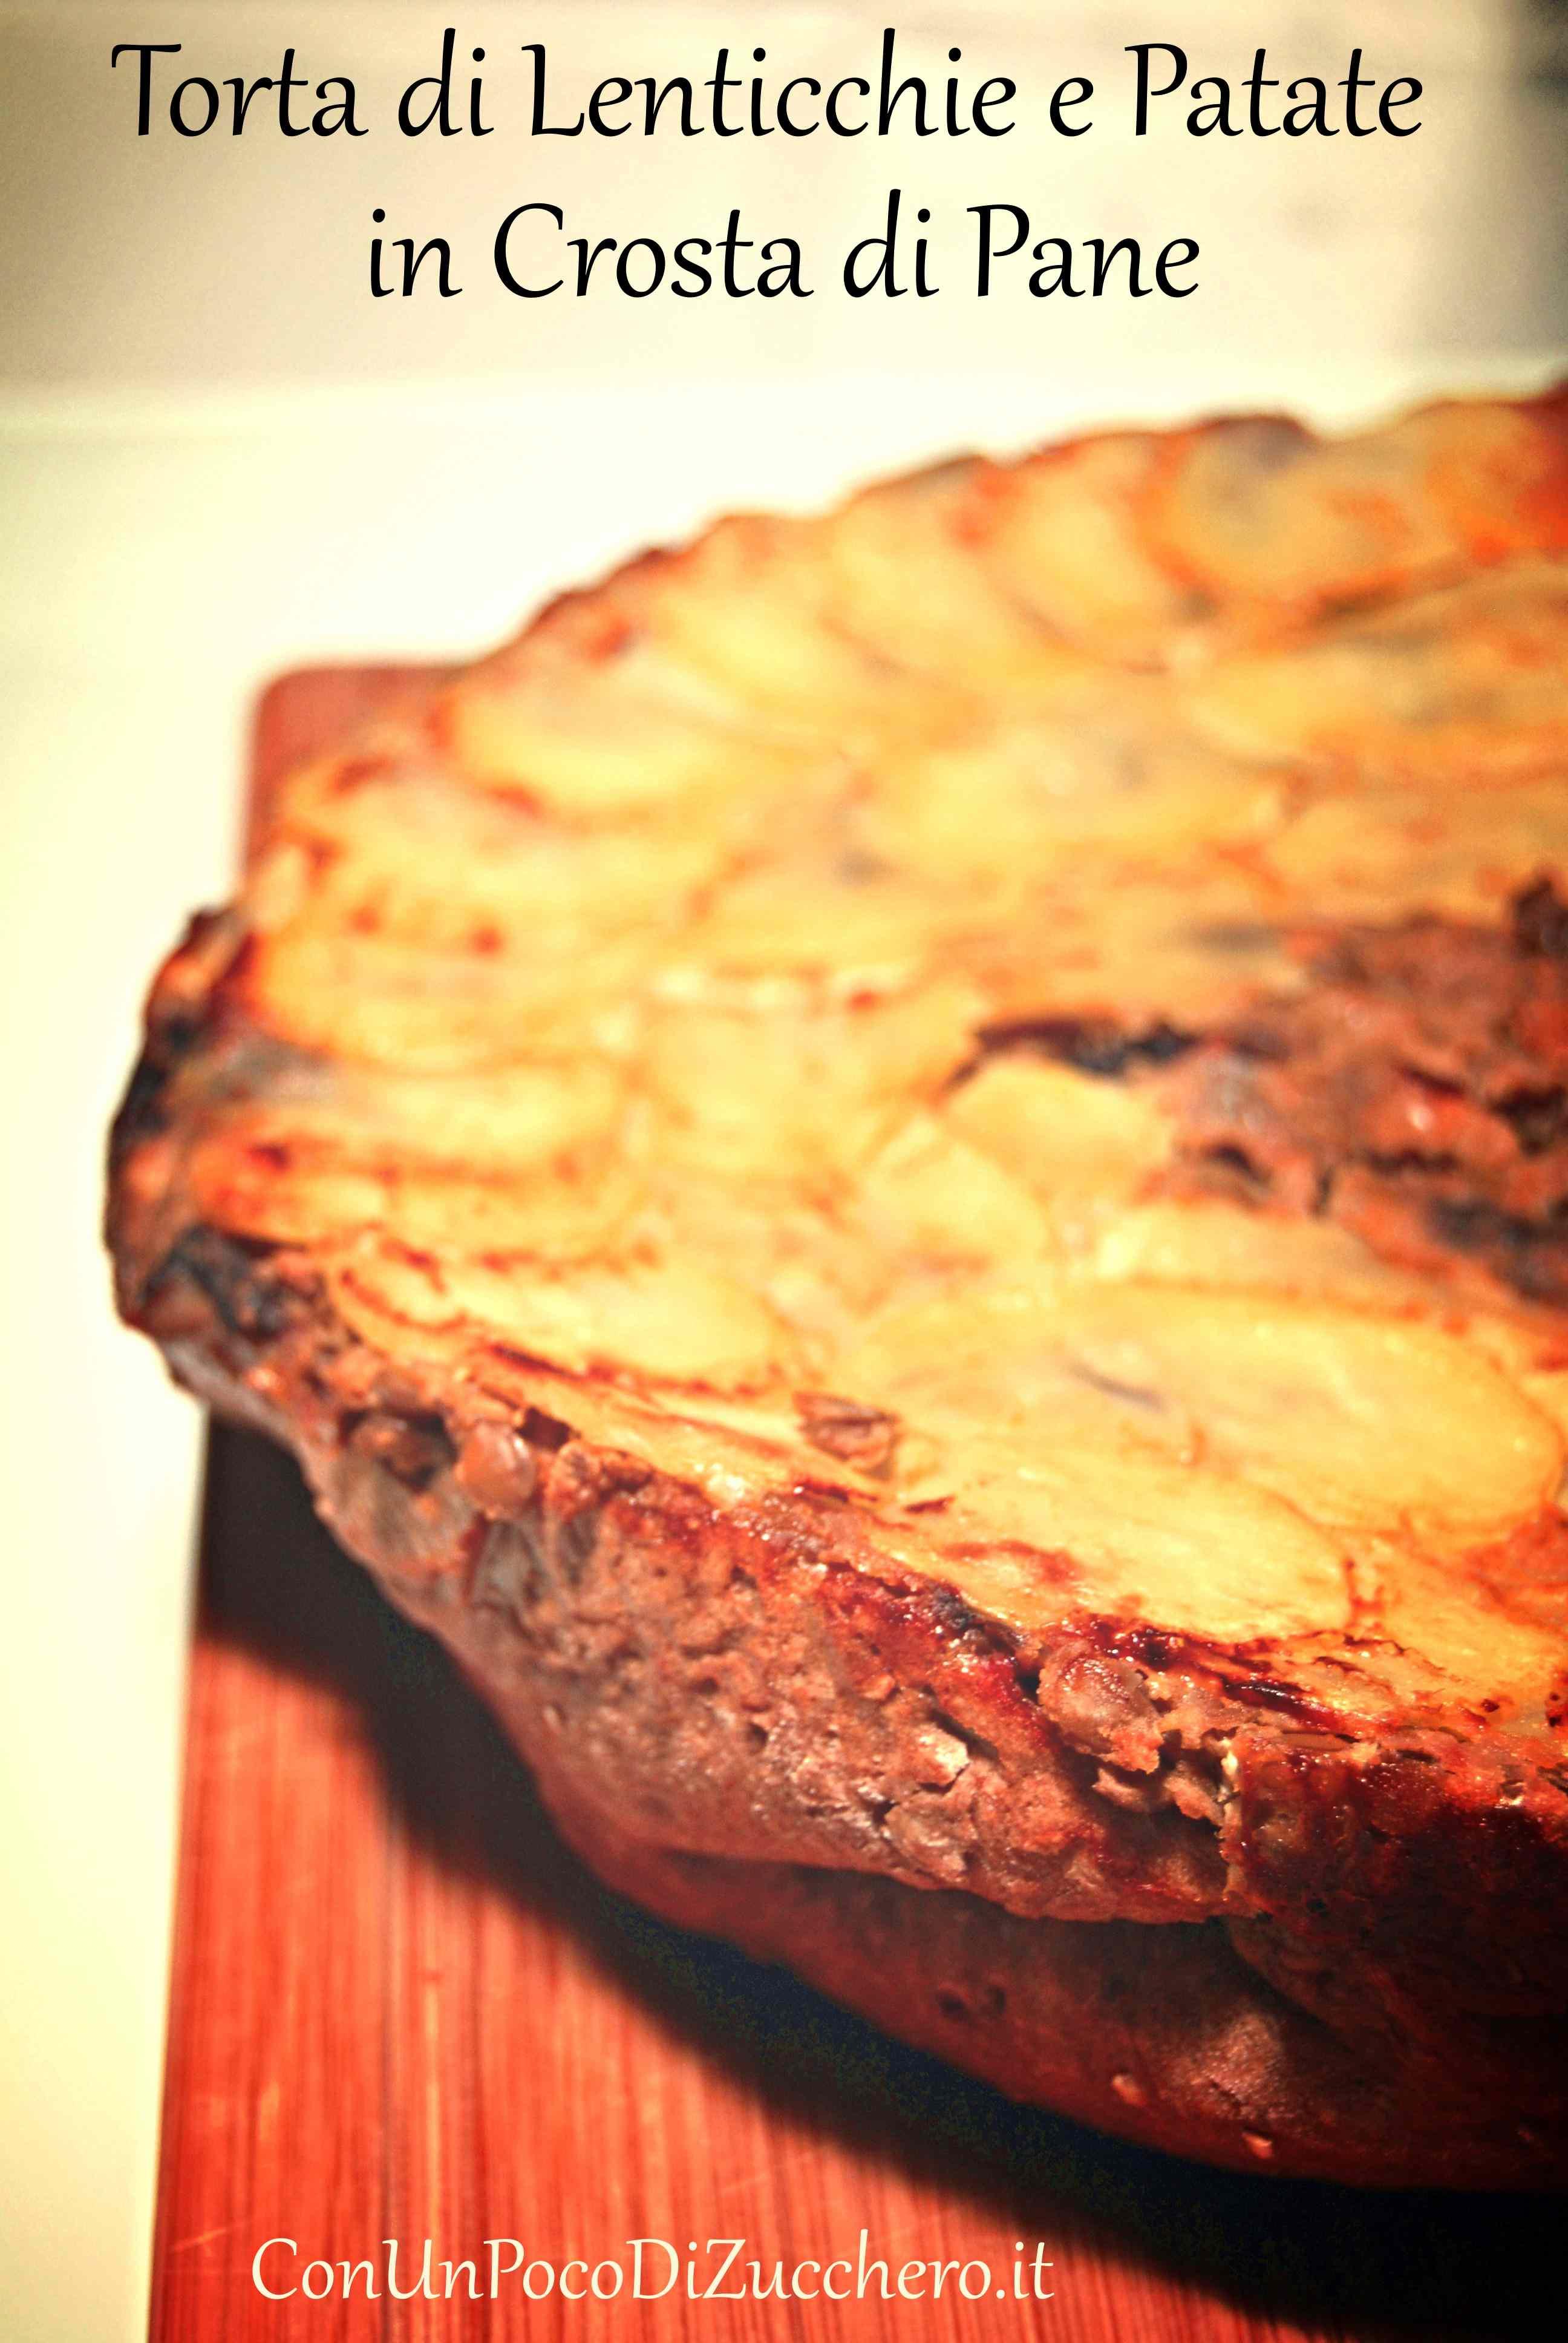 Ricetta: Torta di lenticchie e patate in crosta di pane